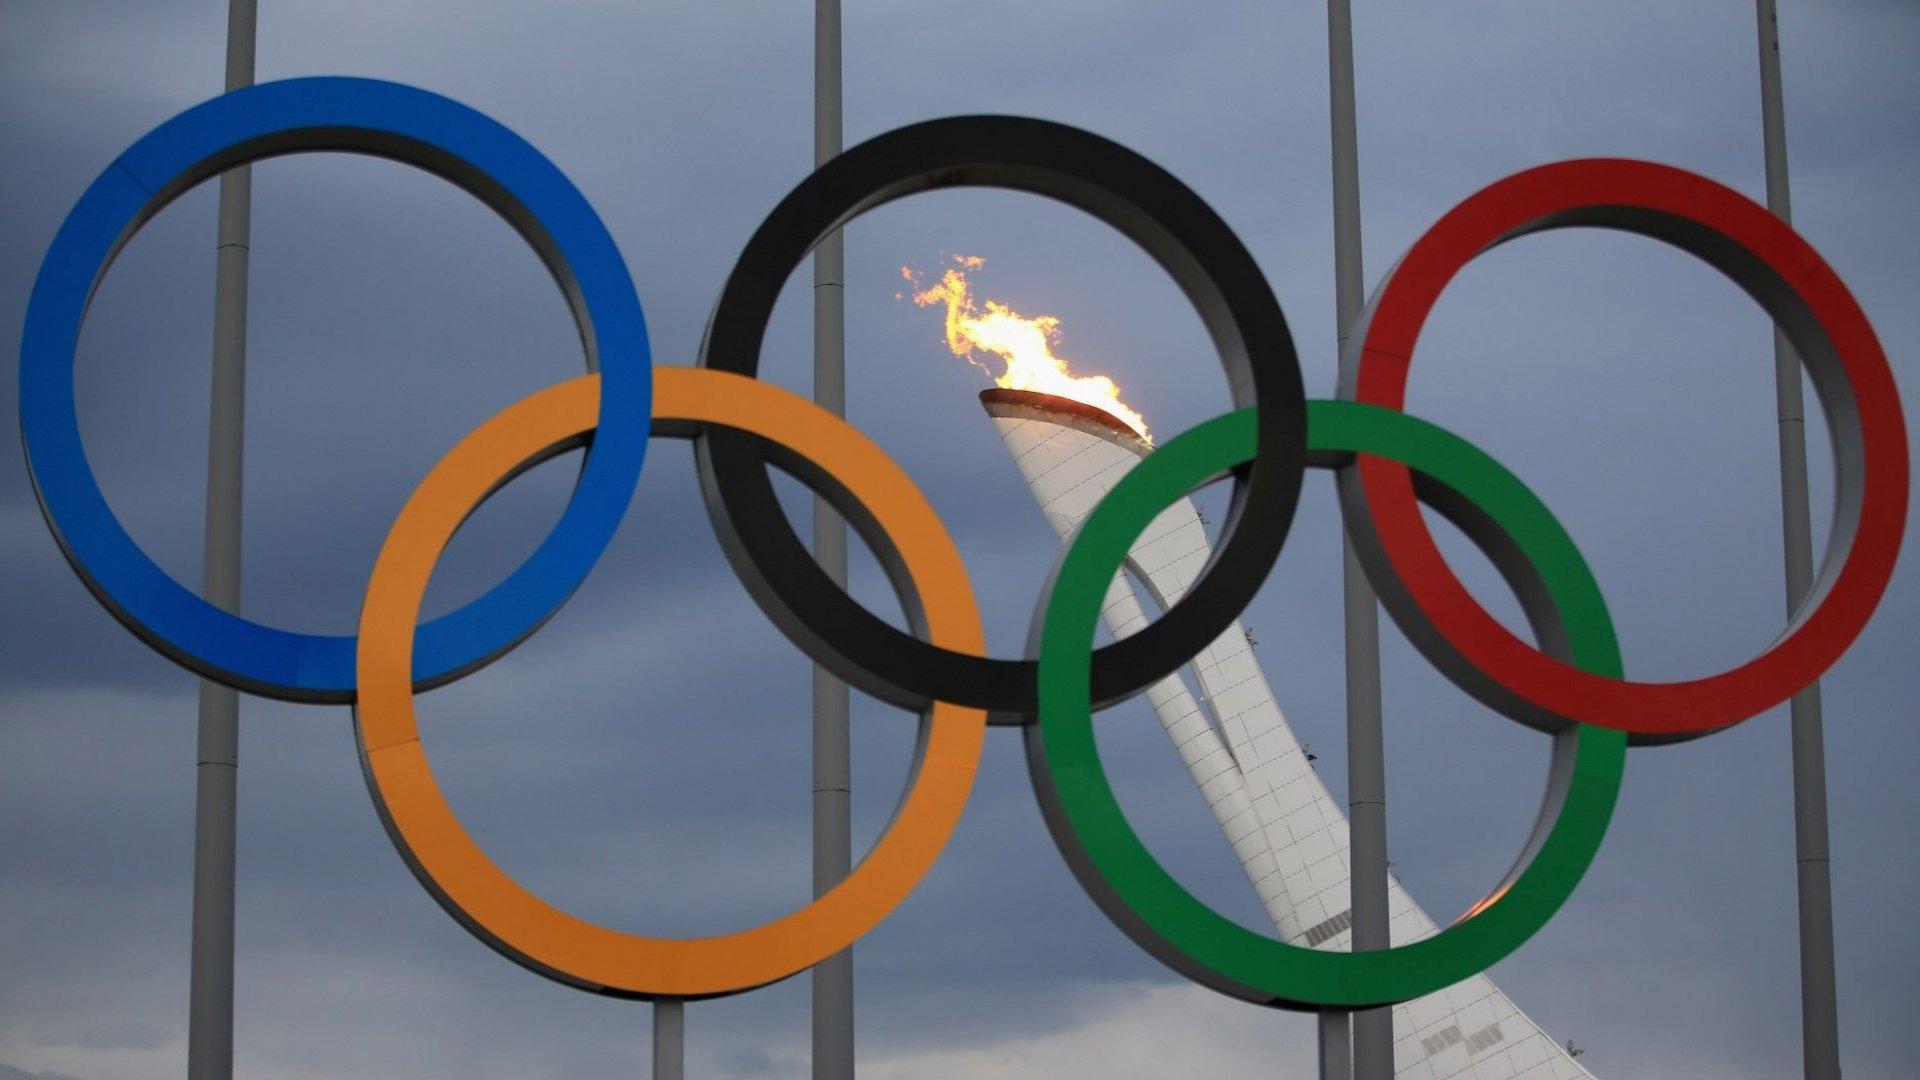 Френски политик призова за отмяна на игрите Париж 2024